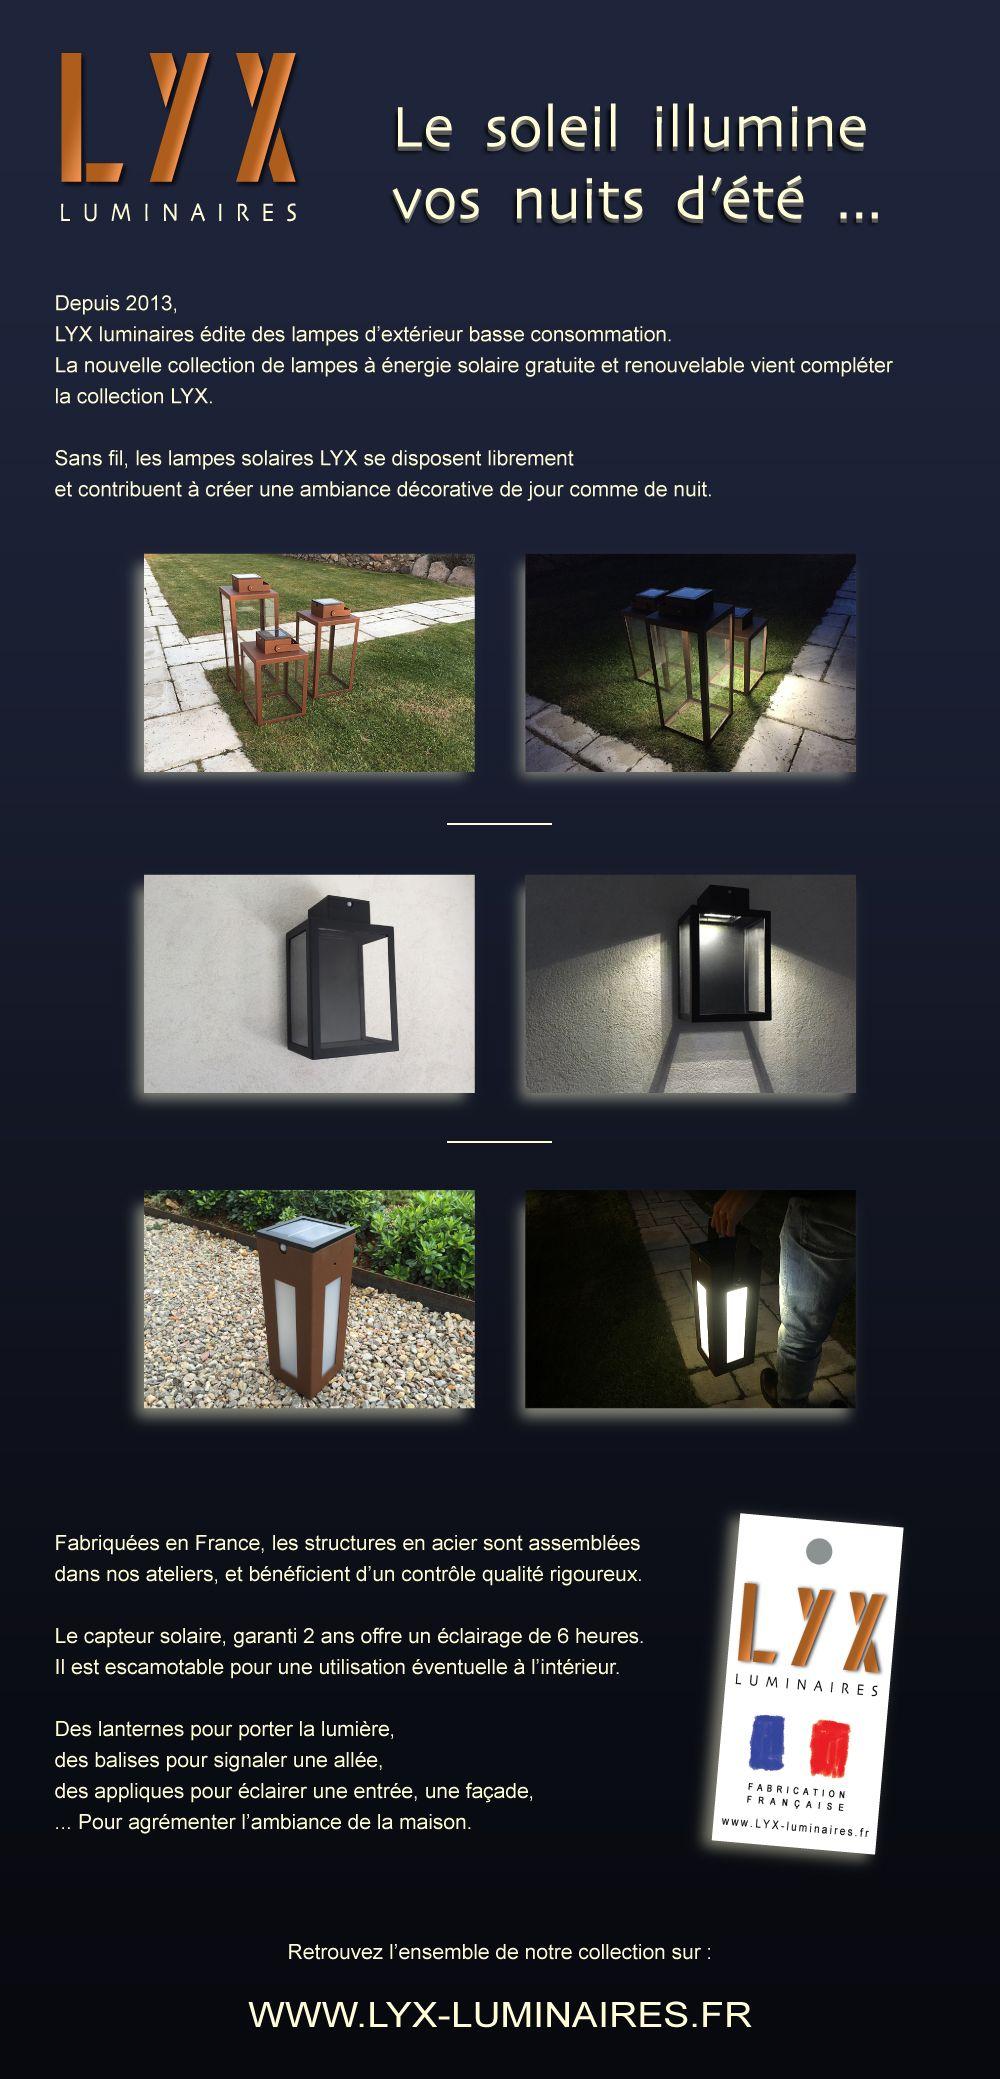 Lampe Energie Solaire Interieur retrouvez l'ensemble de la collection solaire sur : www.lyx